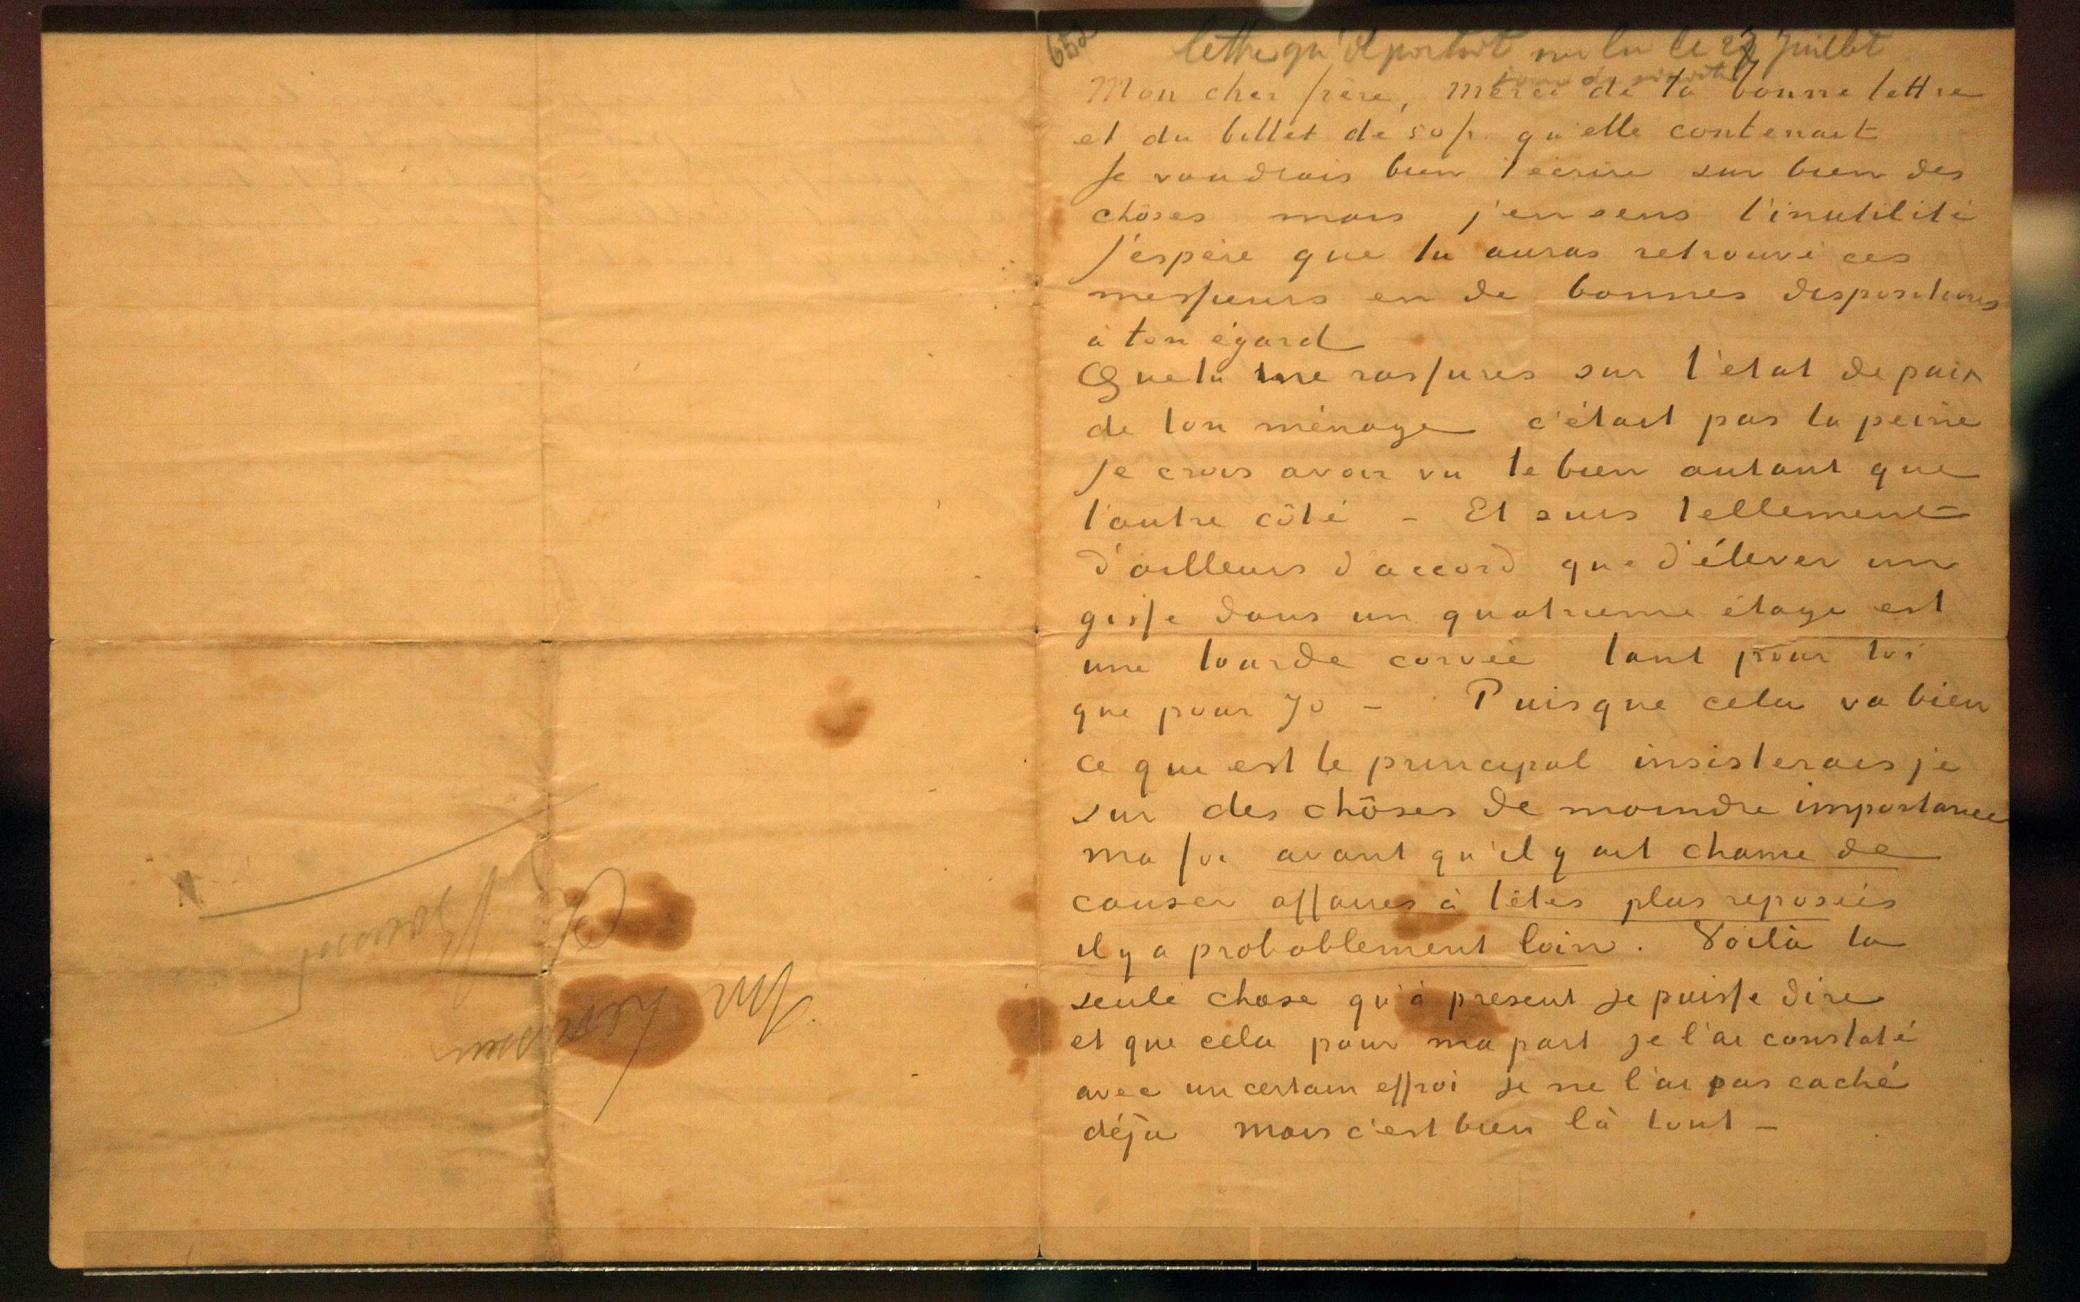 Una lettera di Vincent Van Gogh